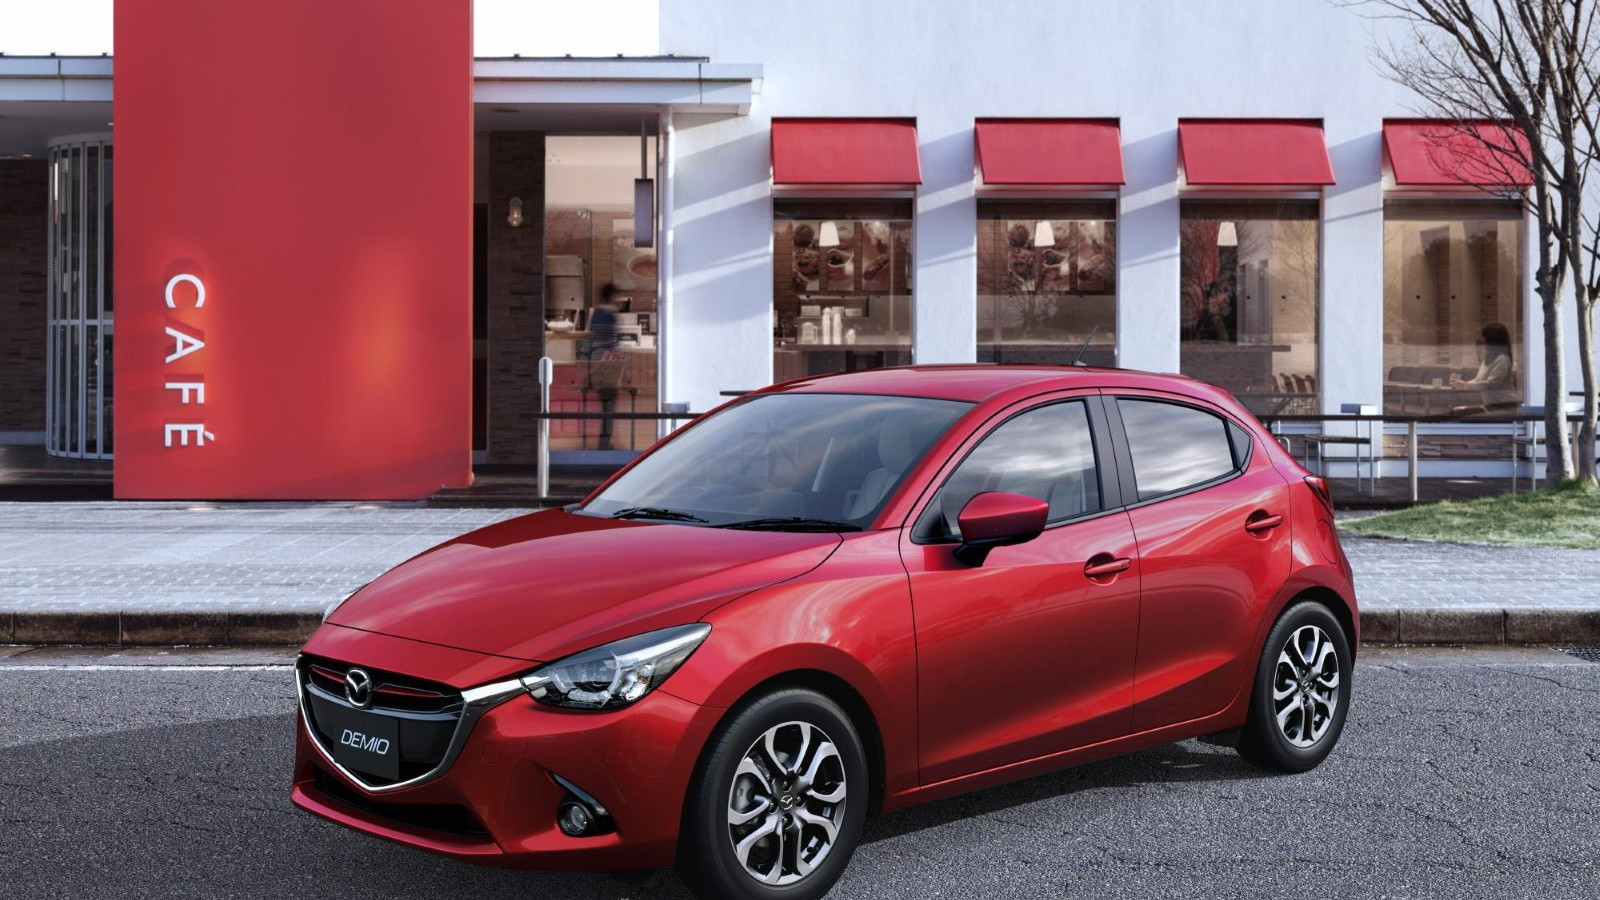 2016 Mazda 2 (Japanese model)